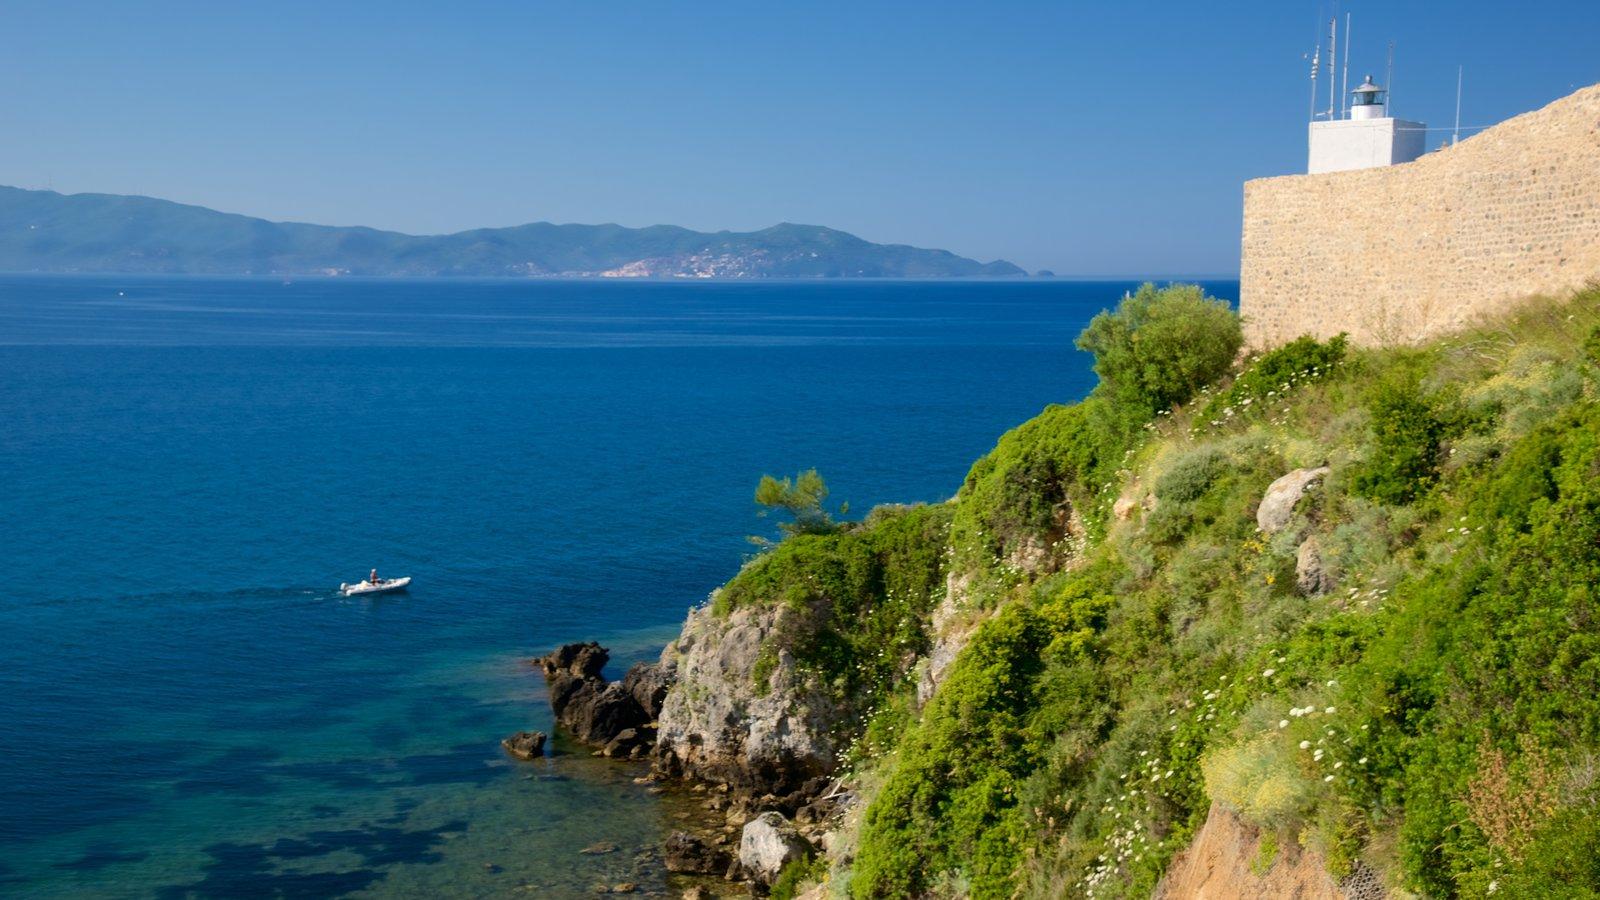 Talamone mostrando um castelo, paisagens litorâneas e uma cidade litorânea